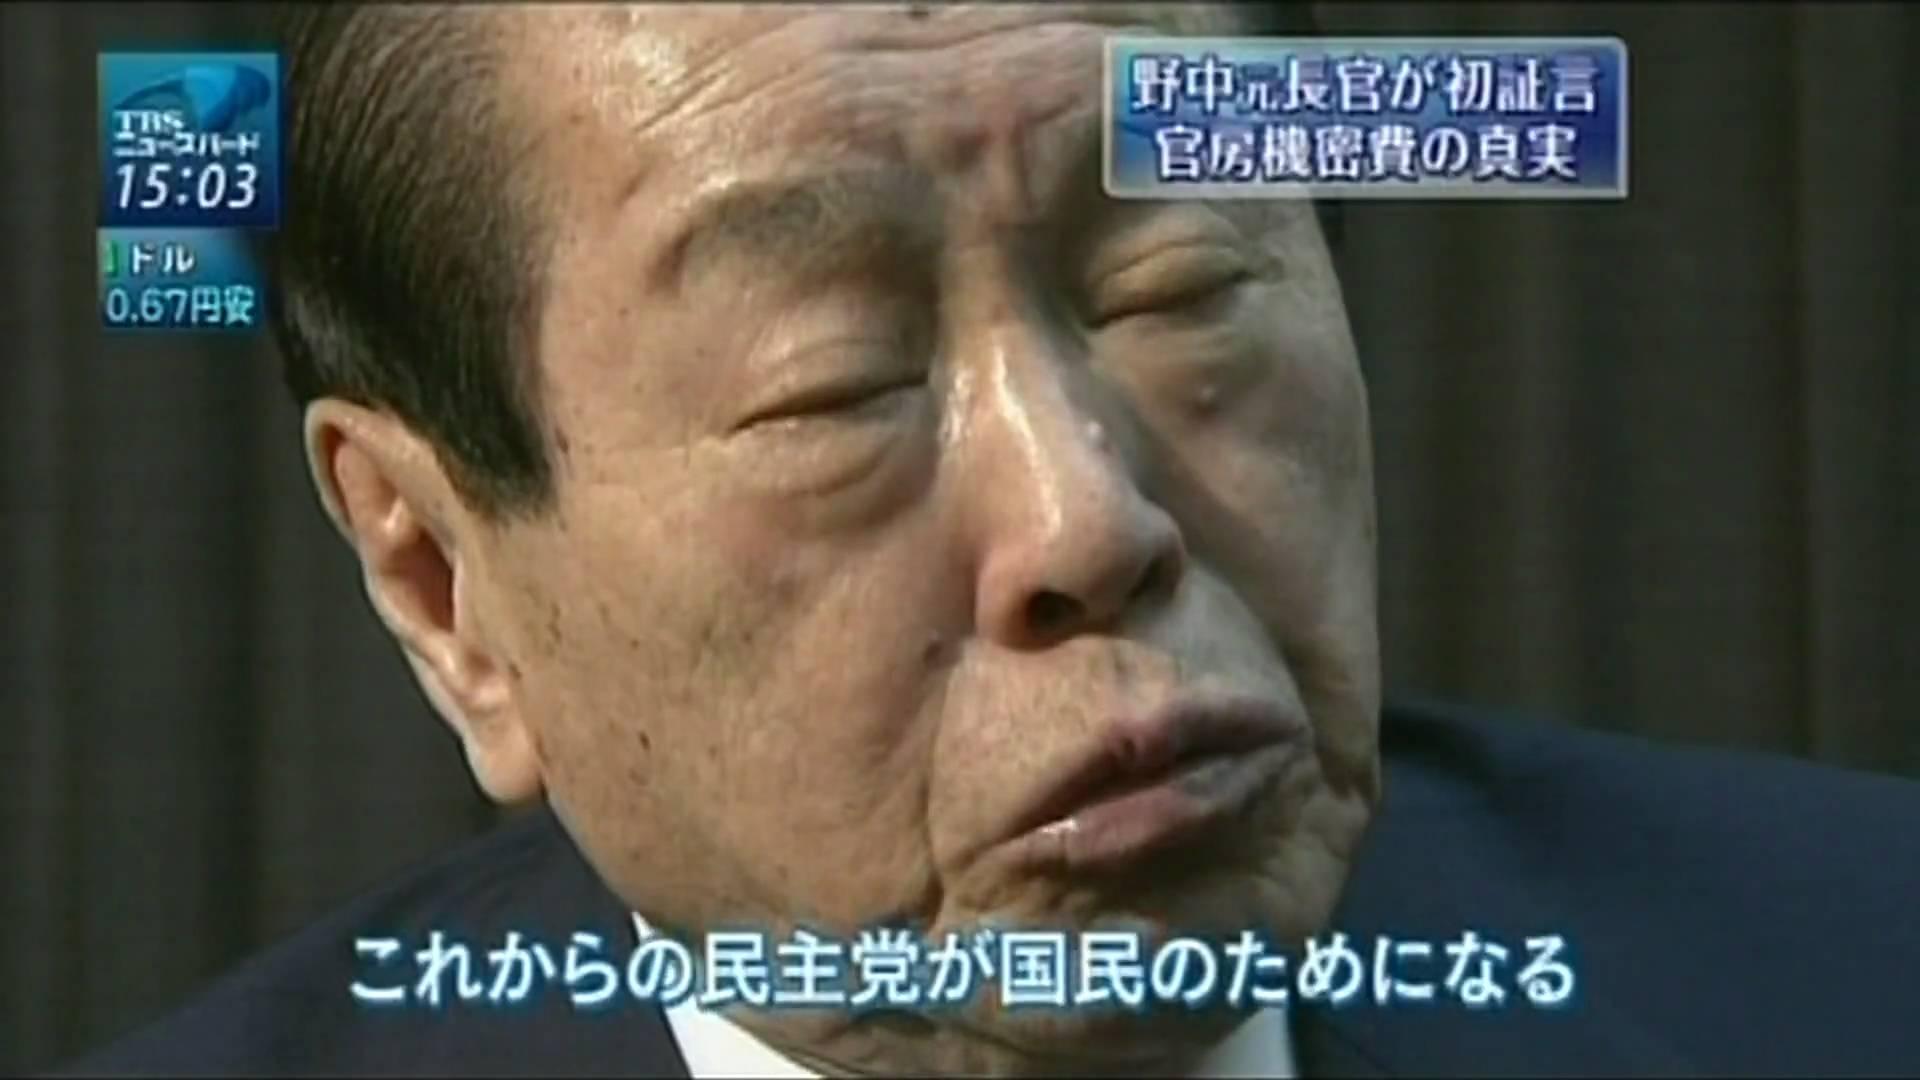 【驚き】野中広務氏が自民党に復党!安倍総理を徹底批判している護憲派を再び呼び寄せた「事情」とは!?